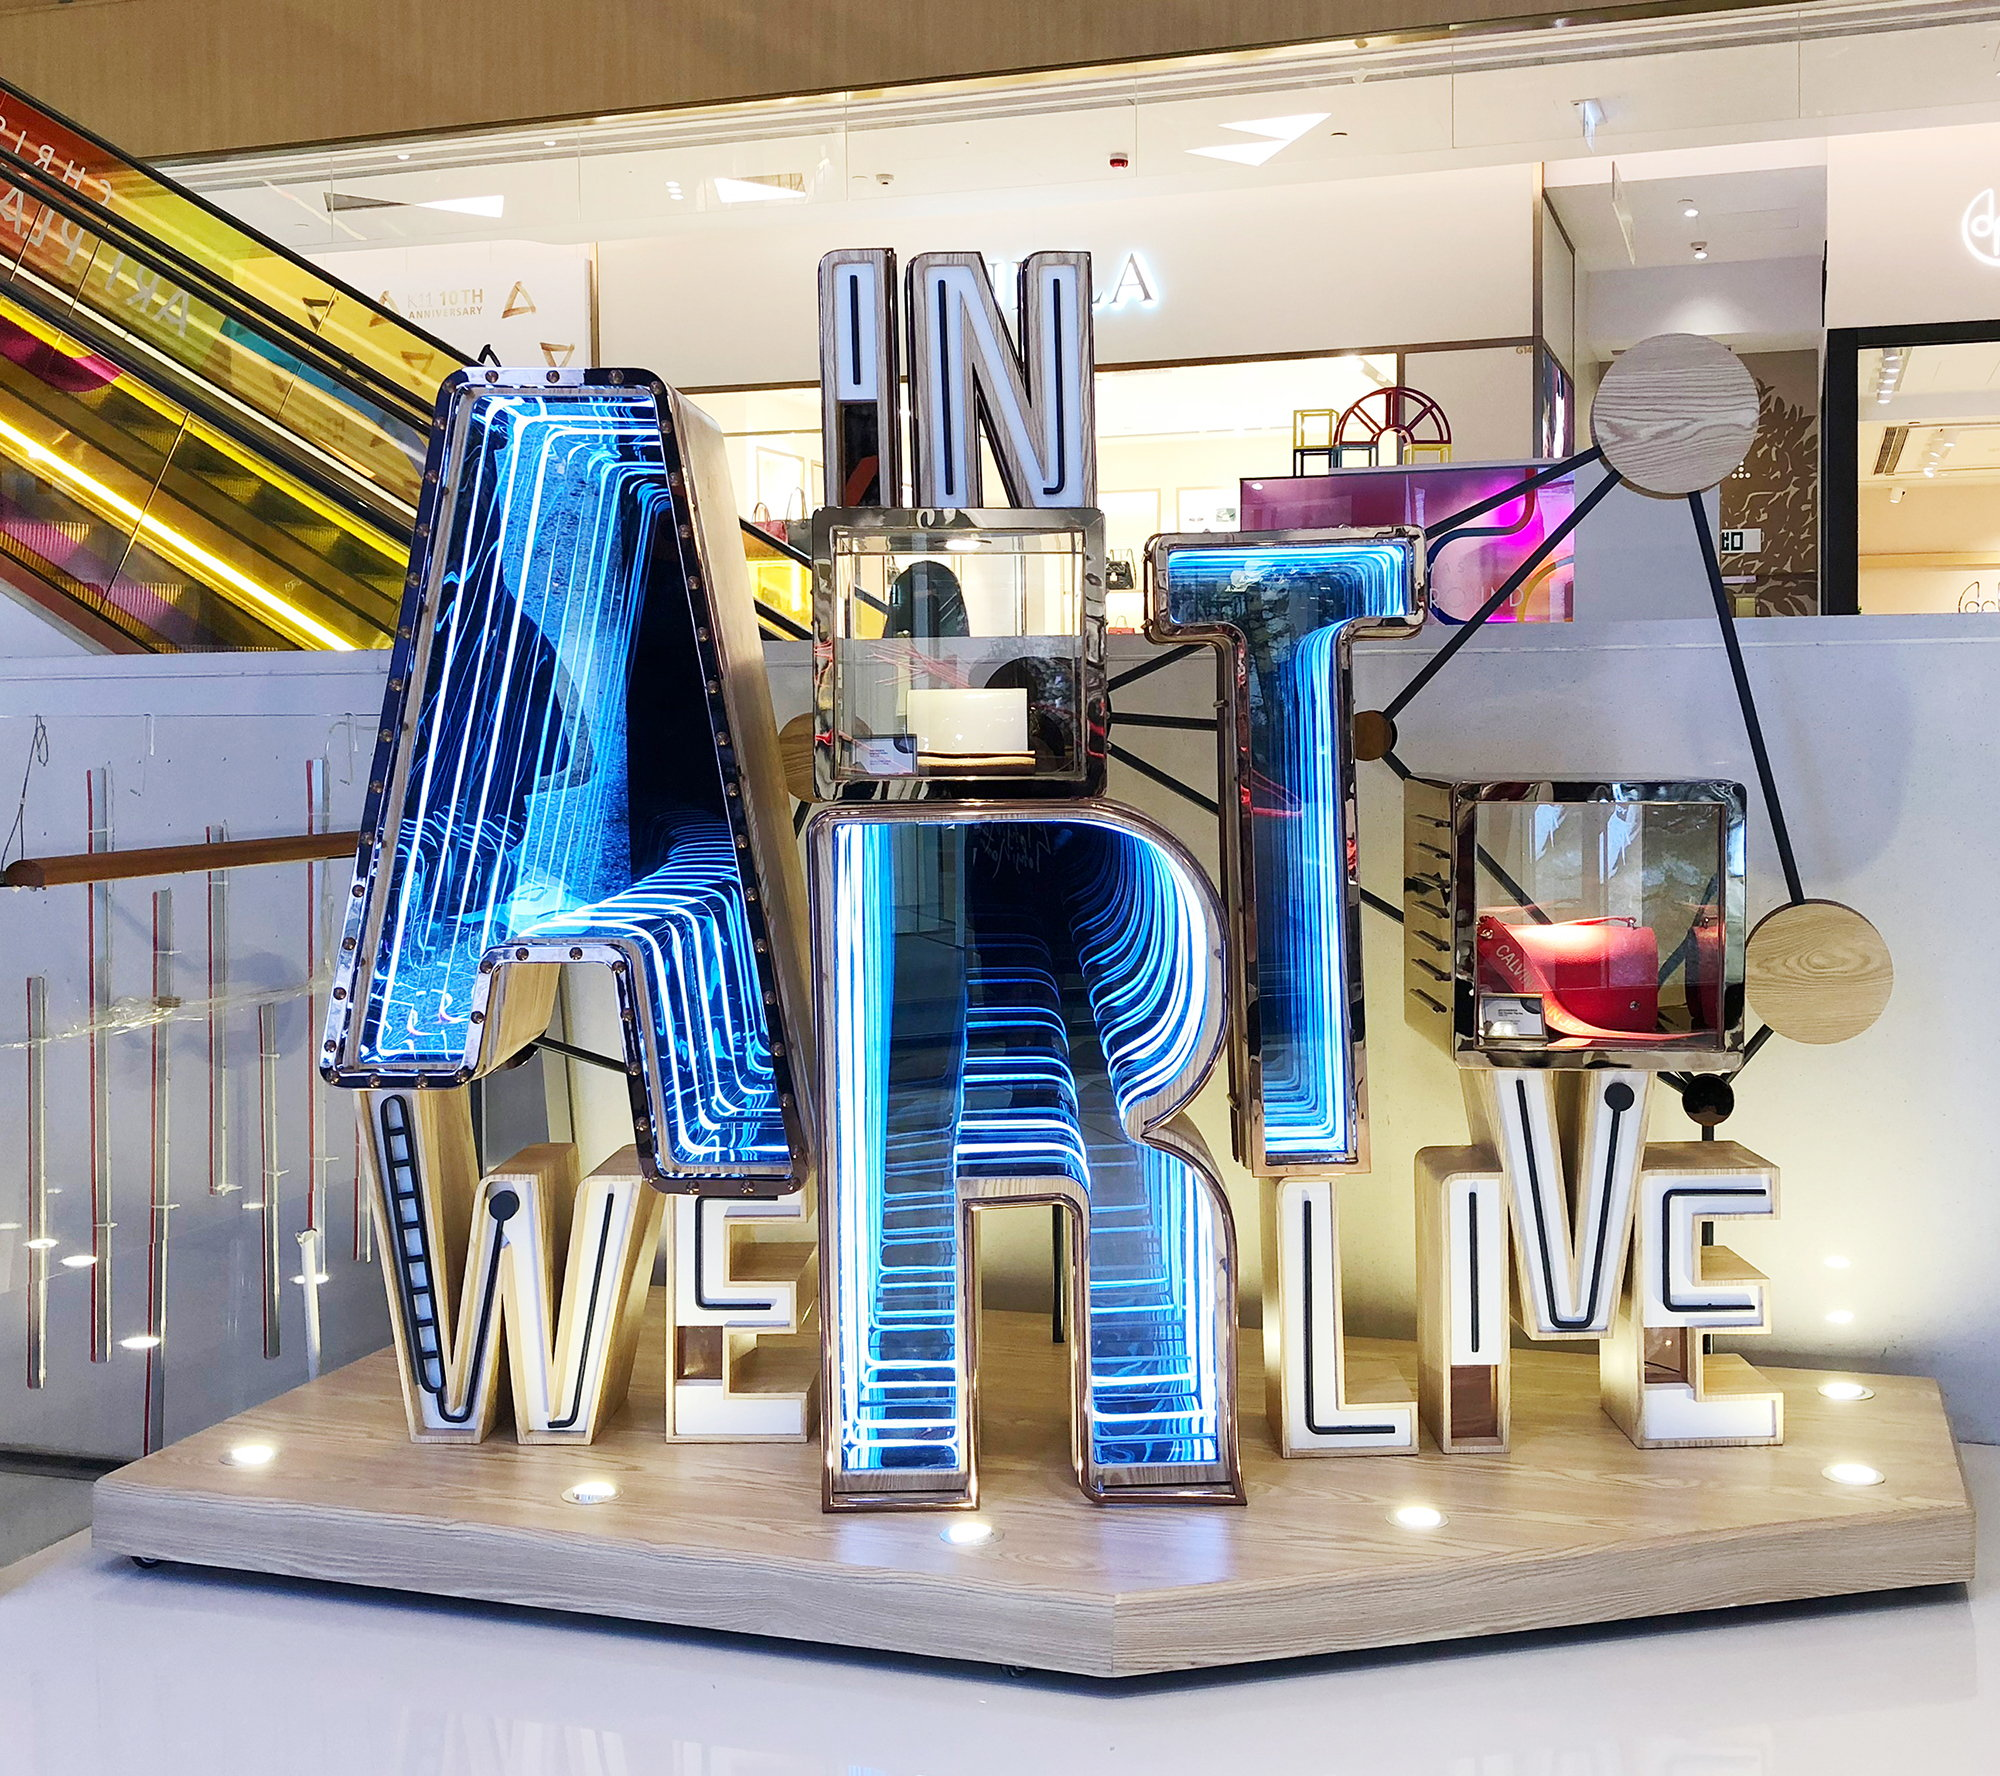 Dans Art We Live Visual Merchandising Art Installation par K11 Collaboration avec Blue Mount